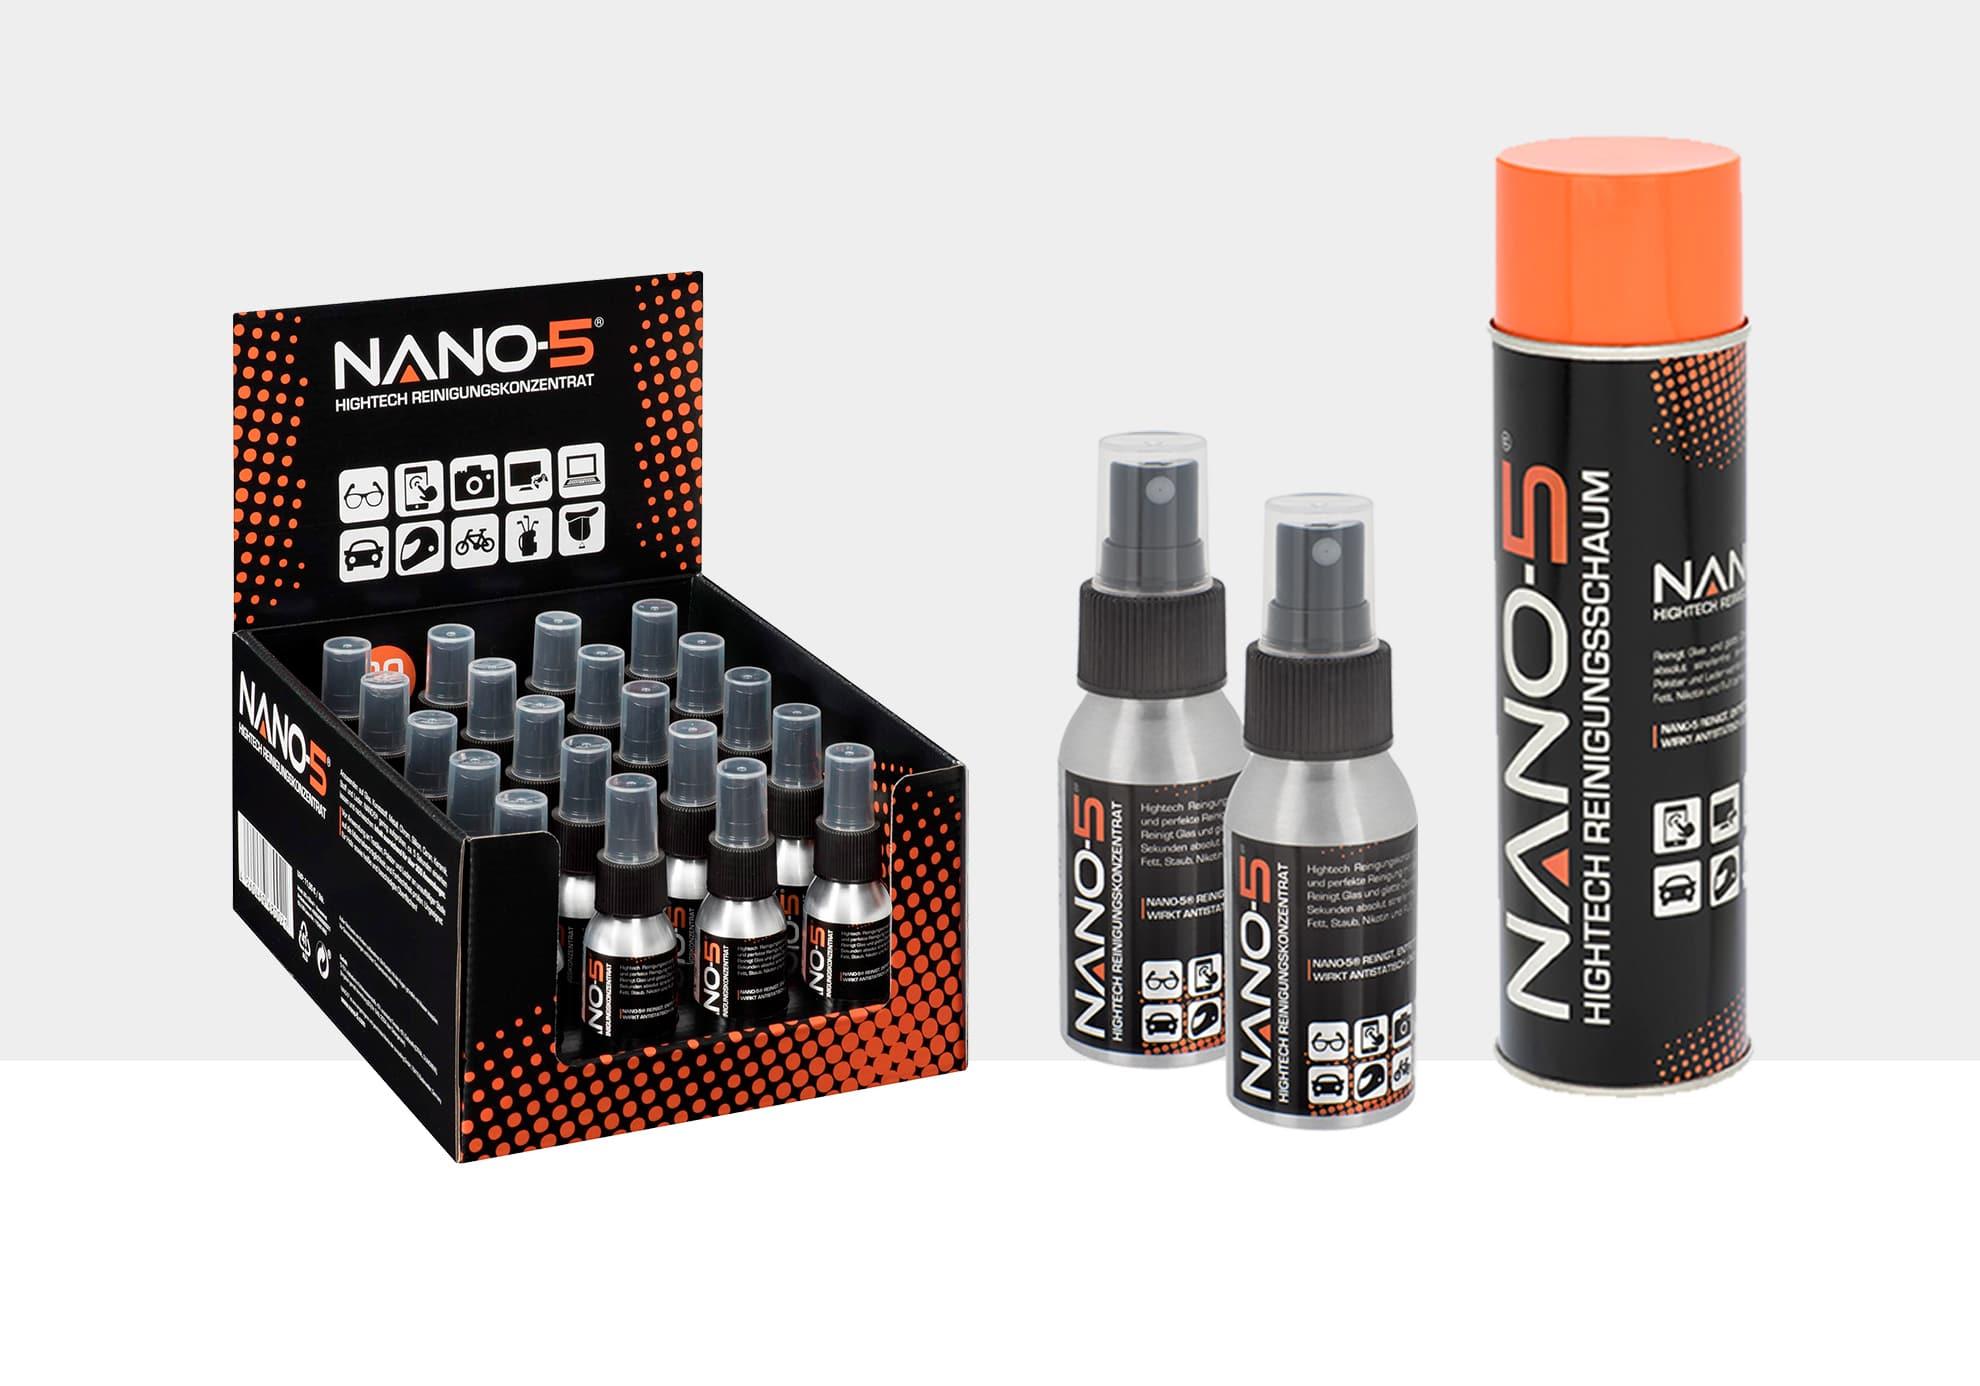 Produkt- & Verpackungsdesign für nano-5, Freiburg